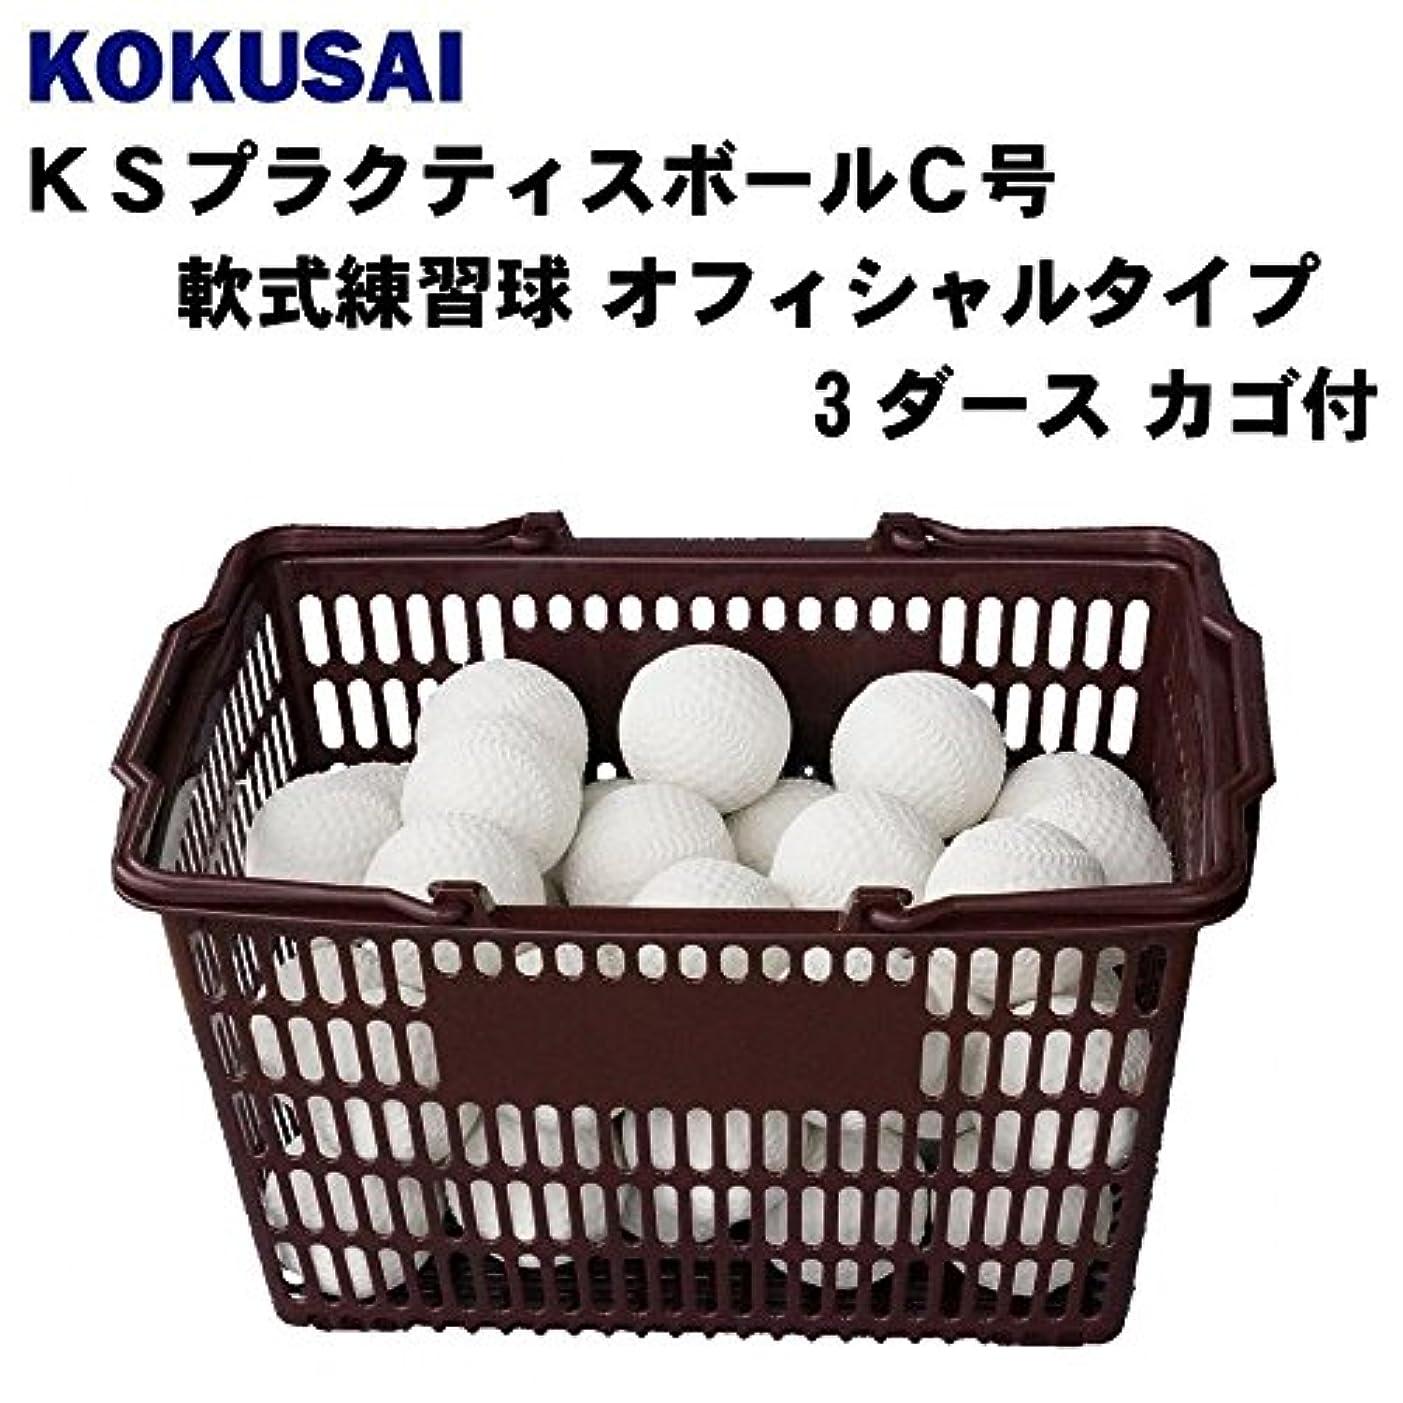 練習皮不承認コクサイ KOKUSAI KSプラクティスボールC号 軟式練習球 オフィシャルタイプ 3ダース カゴ付